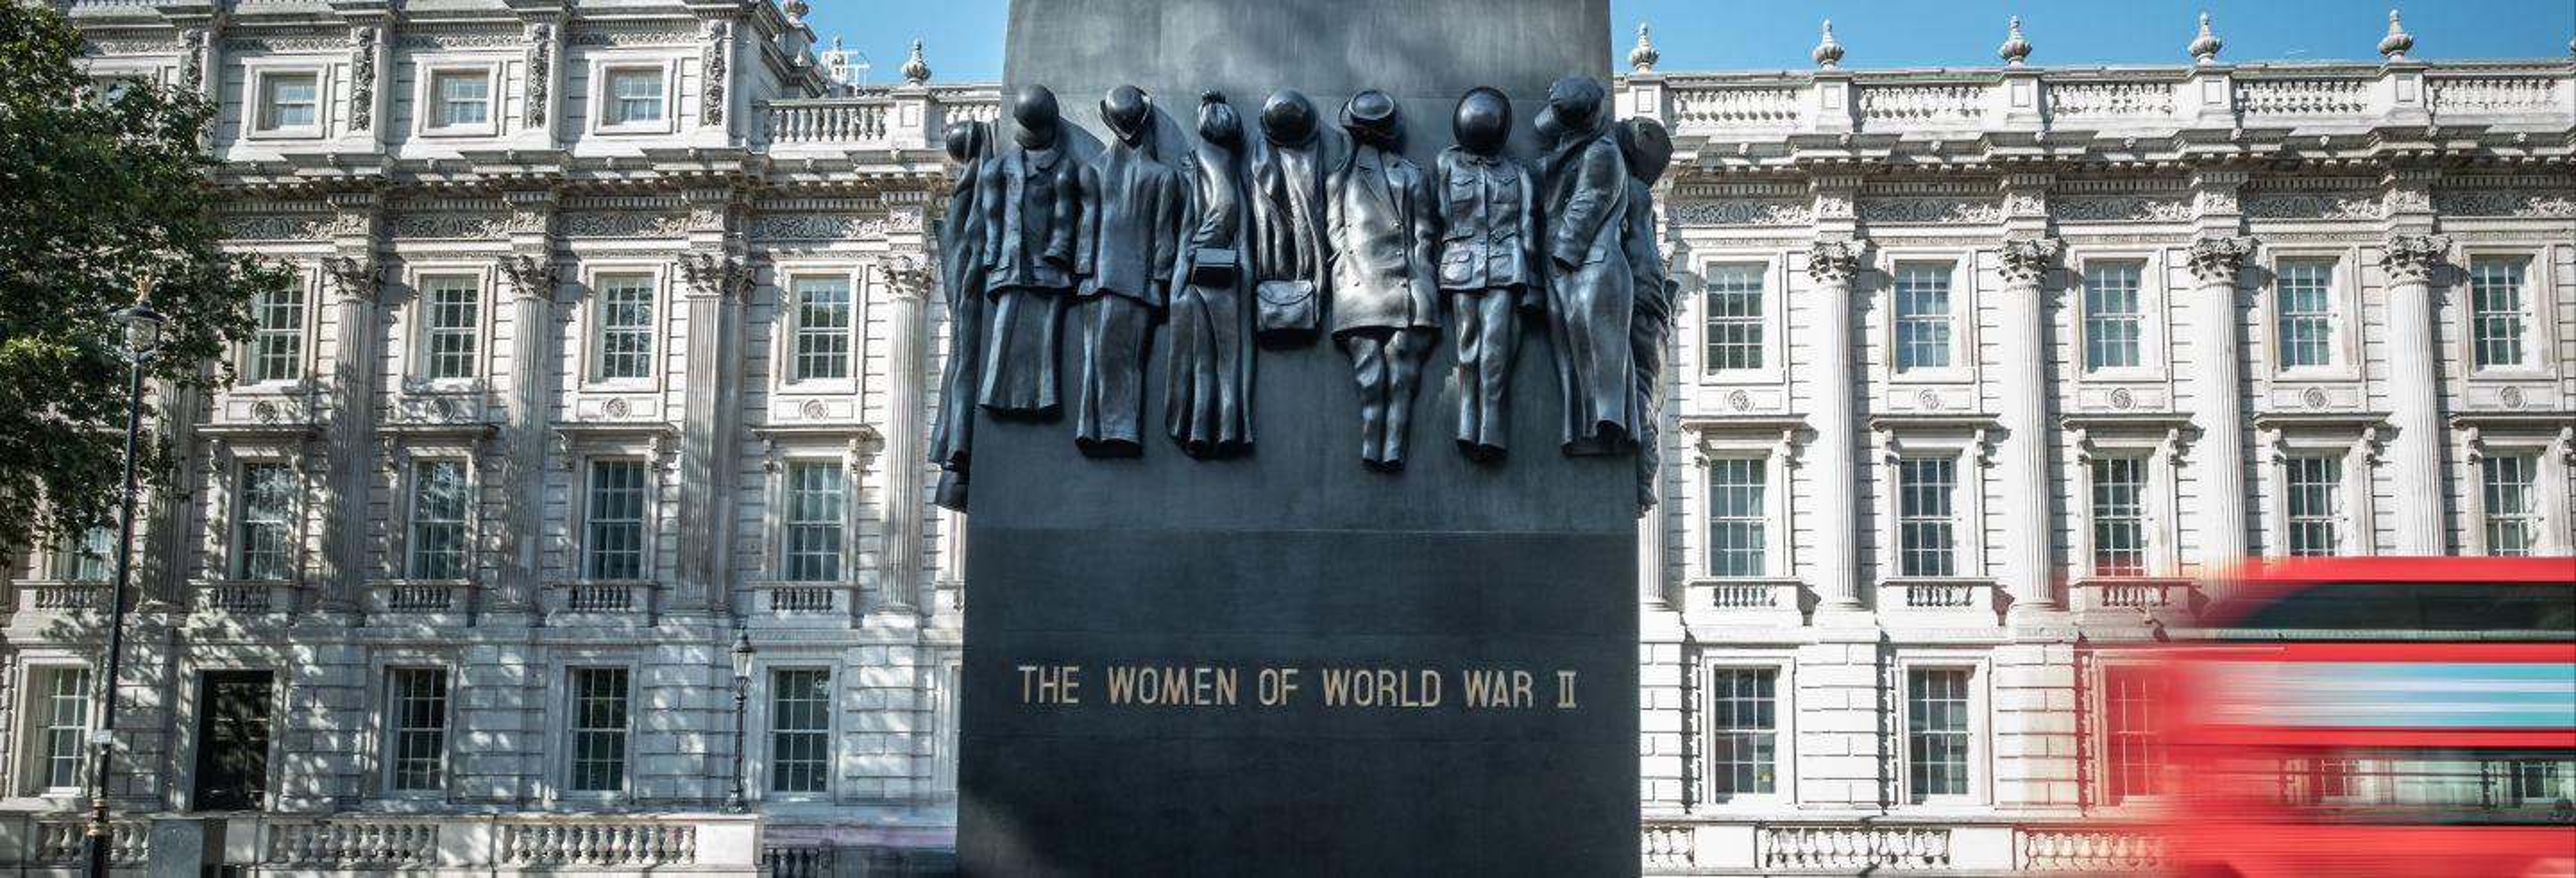 Tour de las mujeres ilustres